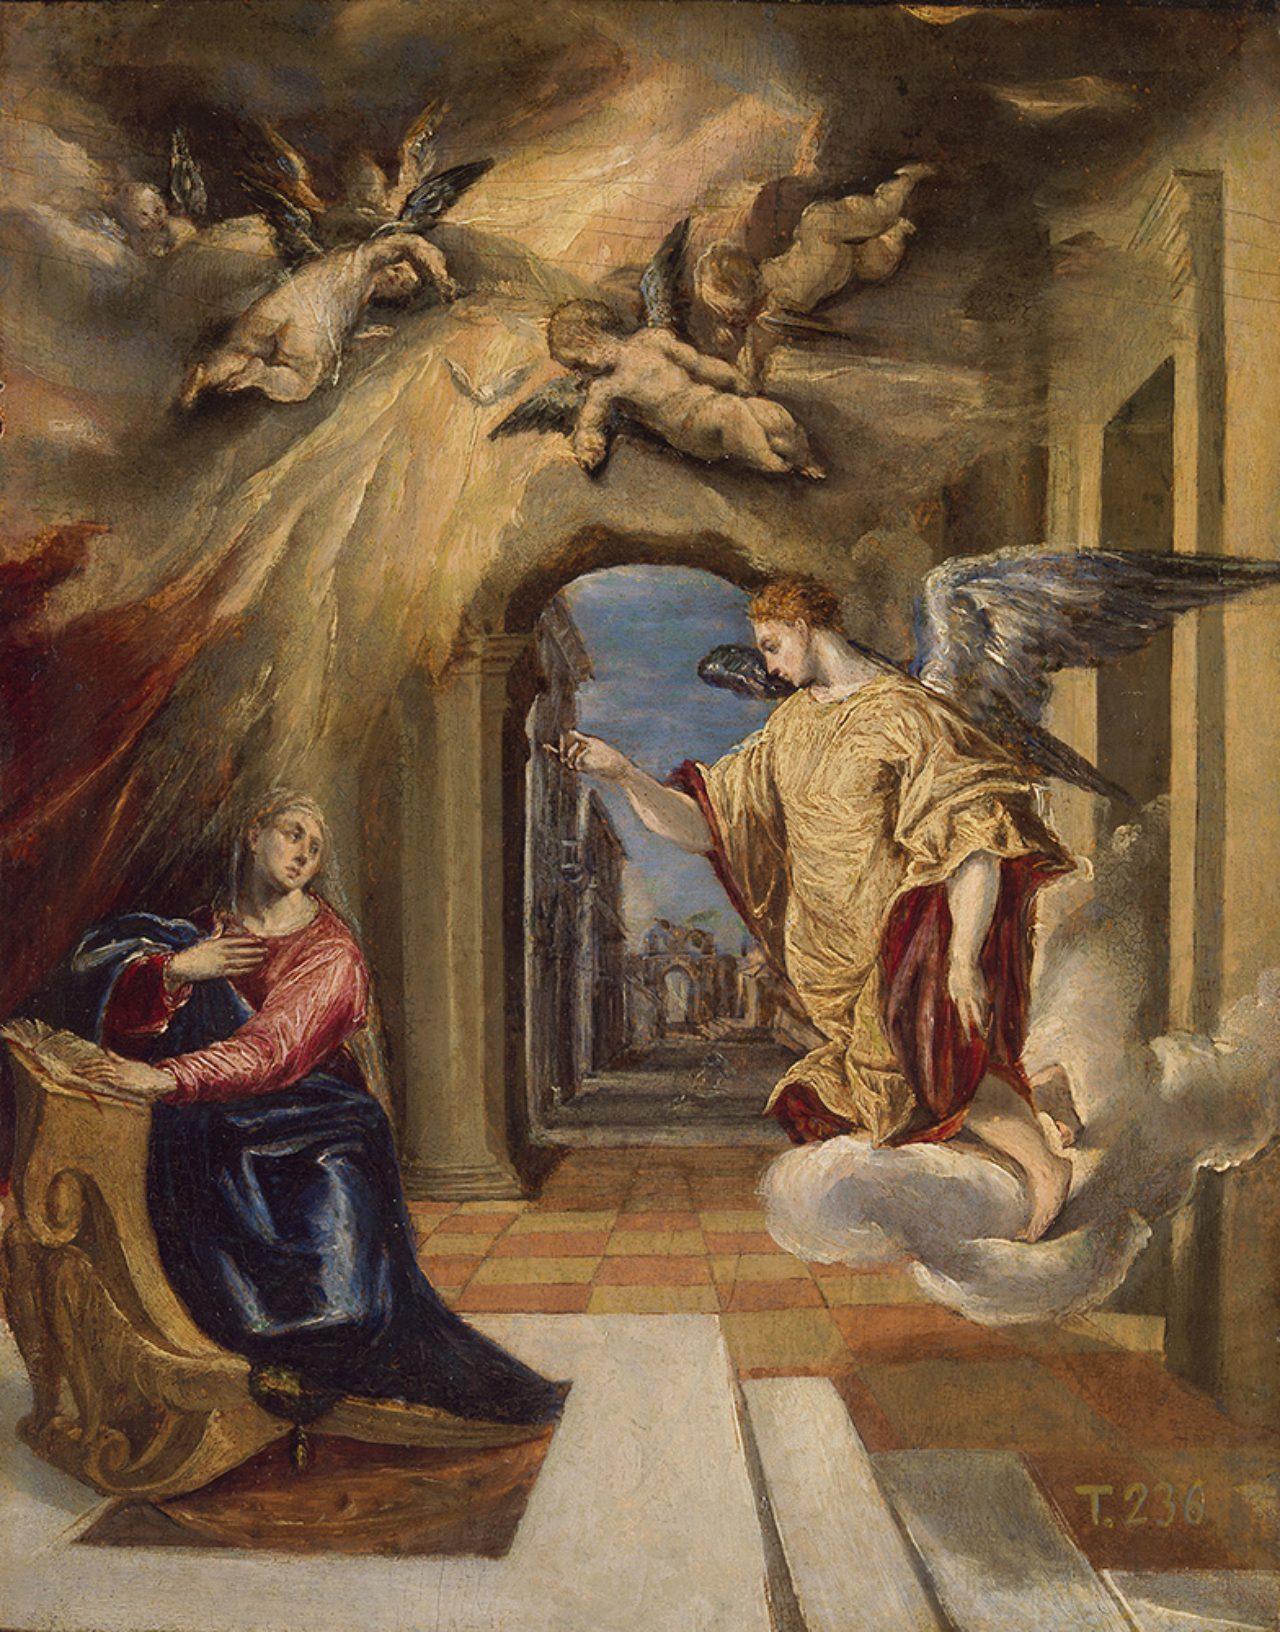 画像: エル・グレコ 《受胎告知》 1570-72年 油彩・板 26.7×20cm プラド美術館蔵 © Archivo Fotográfico, Museo Nacional del Prado. Madrid.